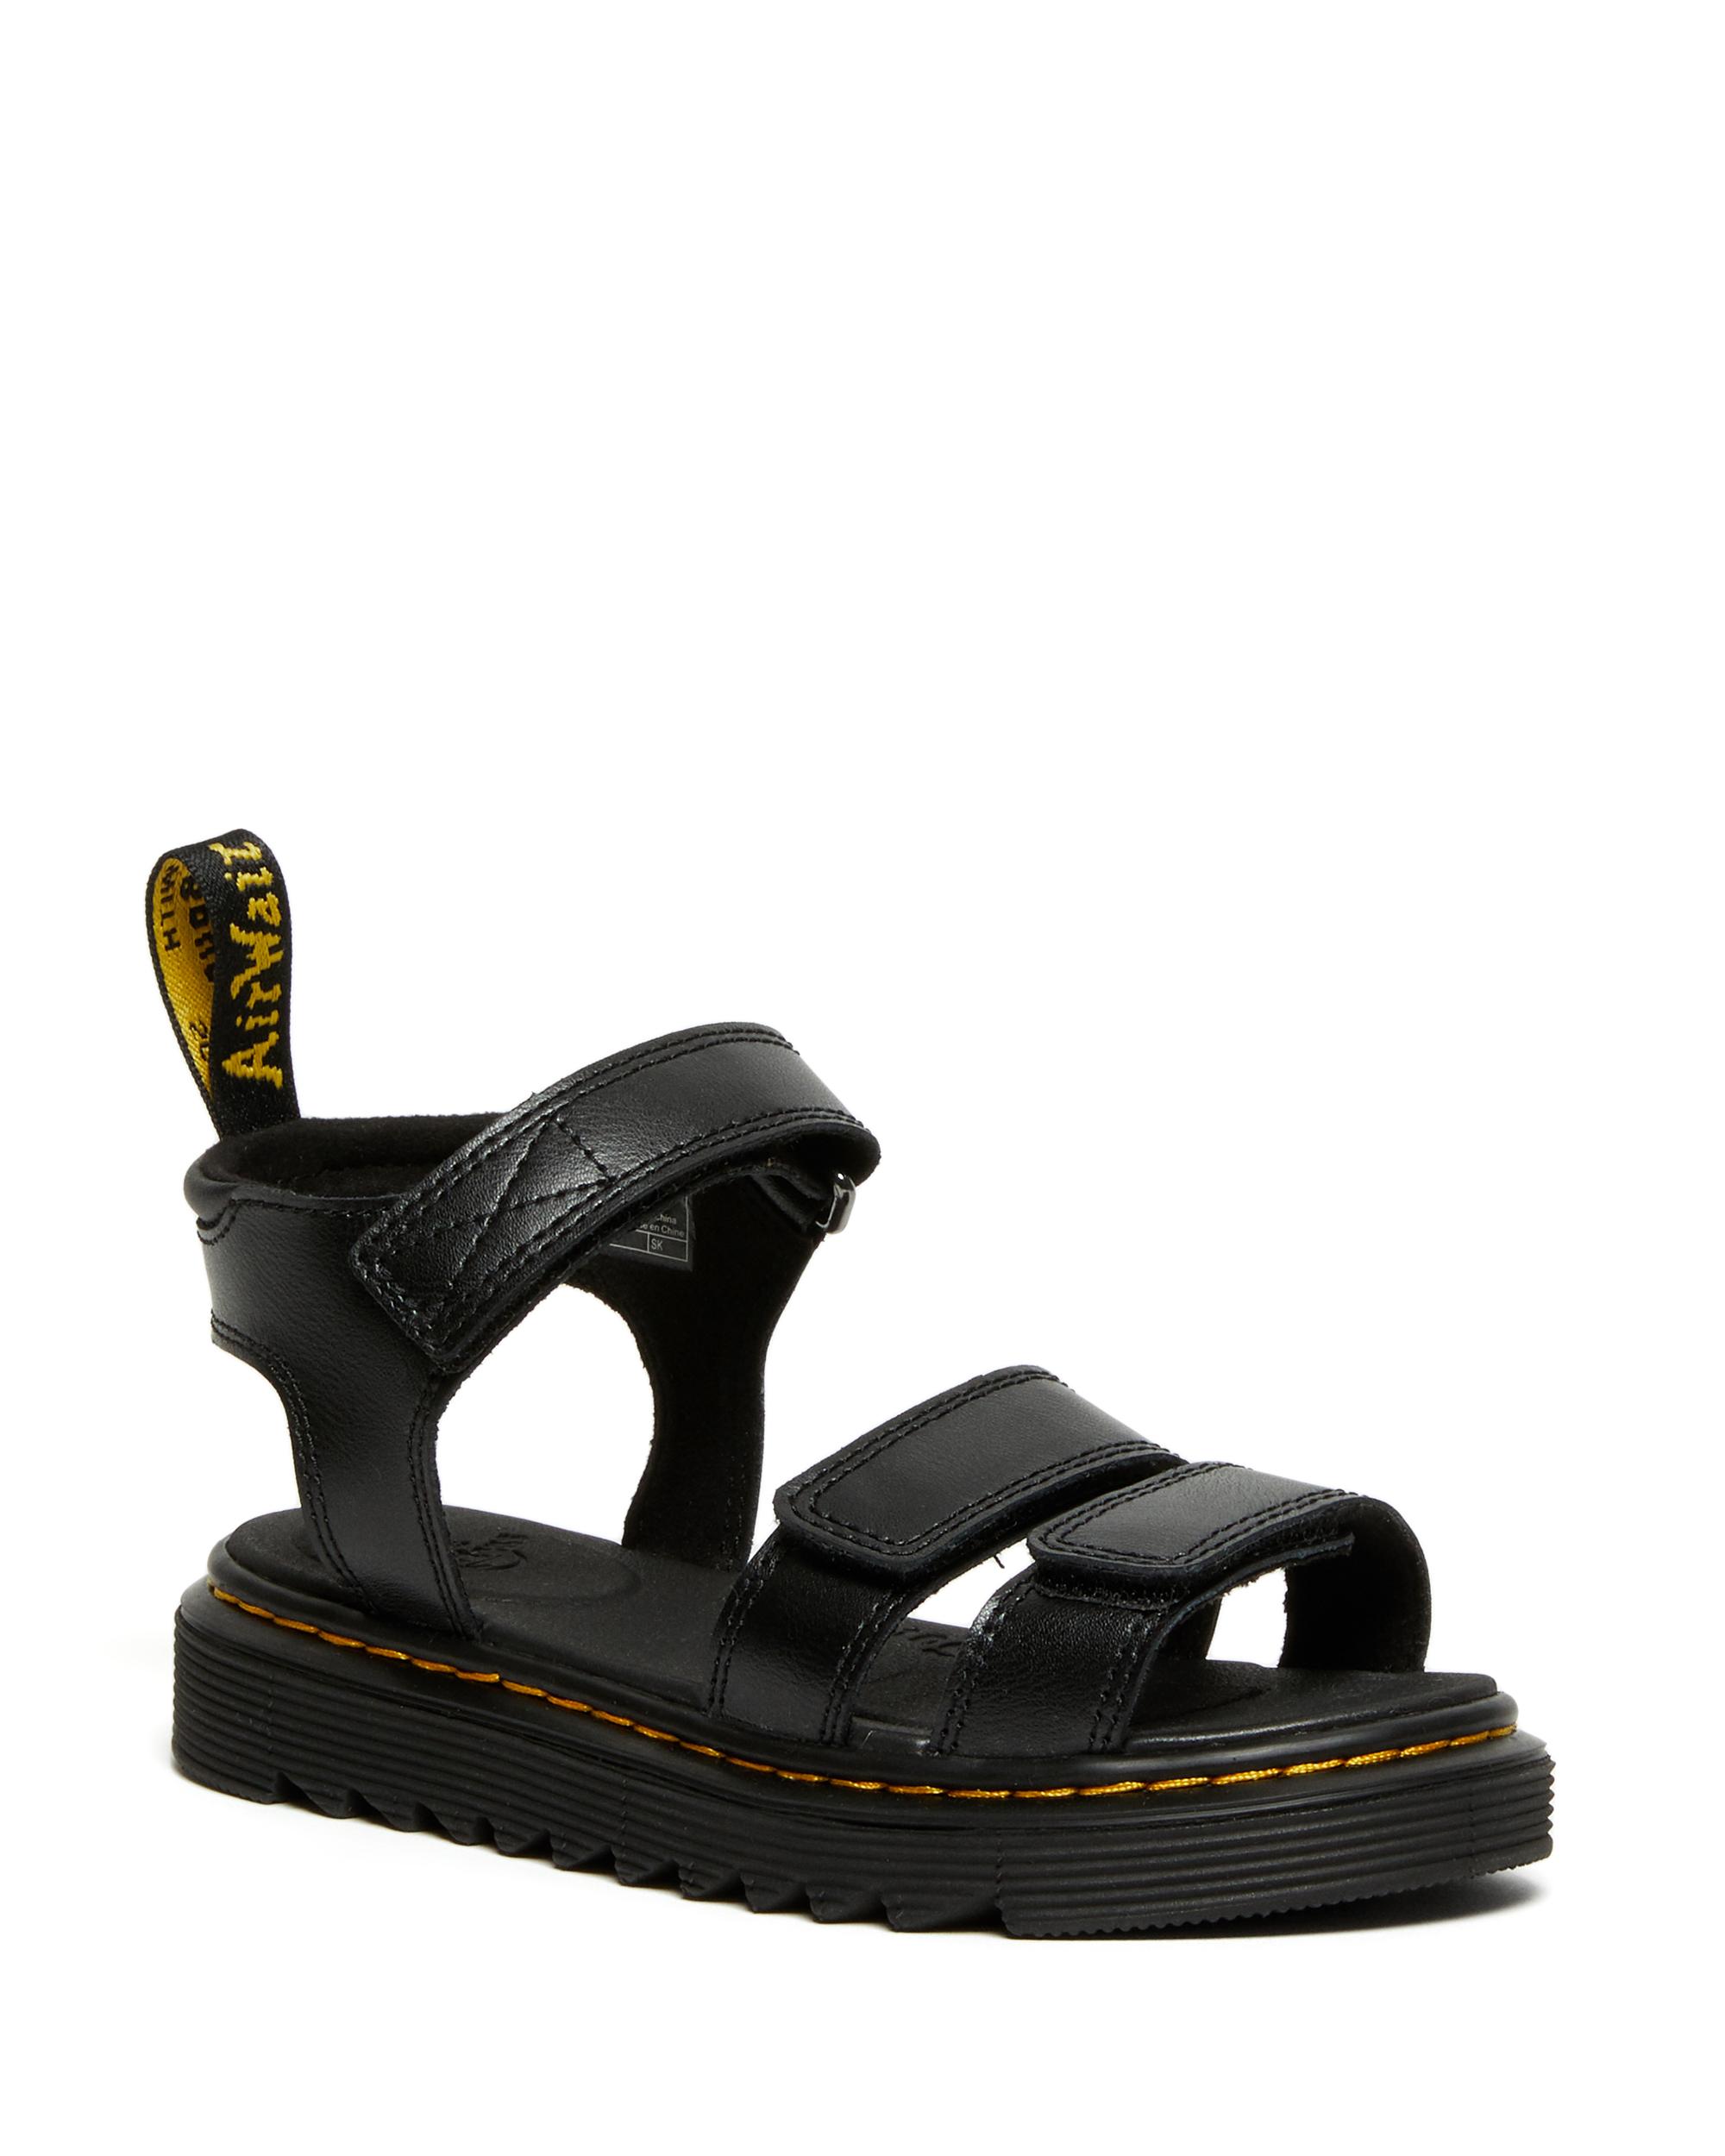 Dr. Martens Junior Klaire Lamper sandal